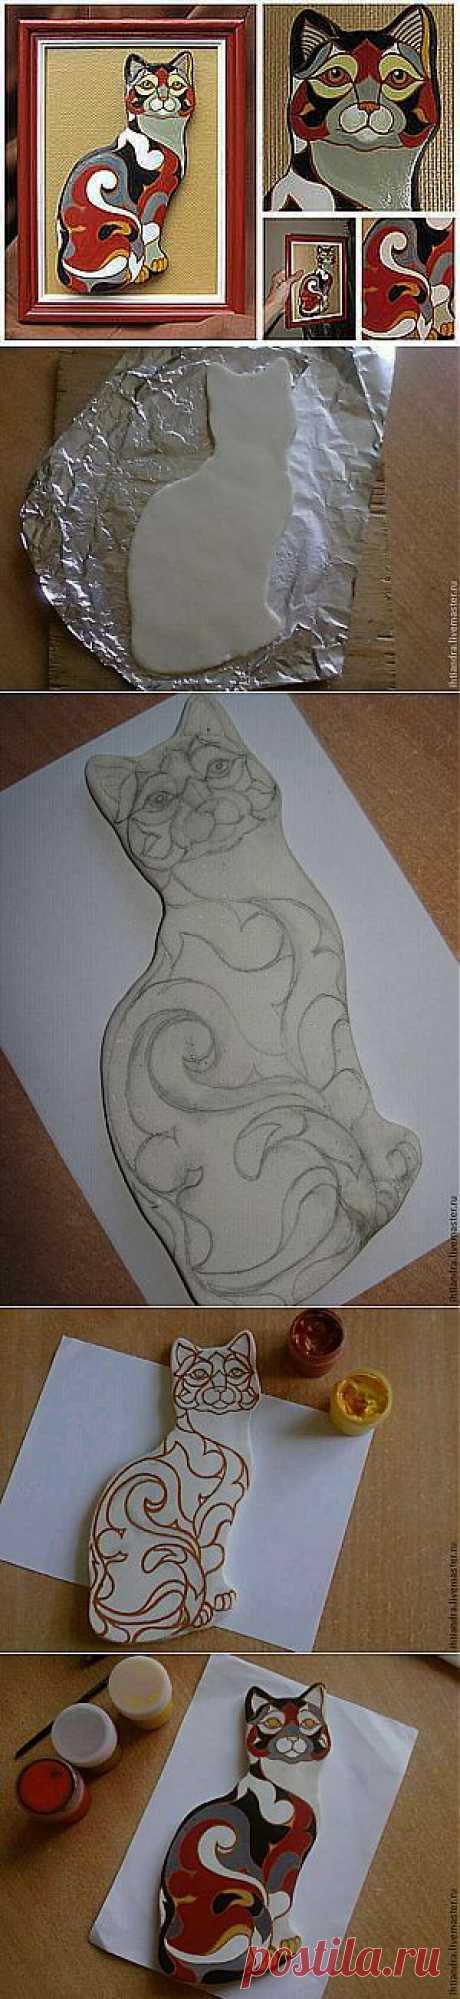 Мастер-класс: кошка из солёного теста в стиле De Rosa/Rinconada